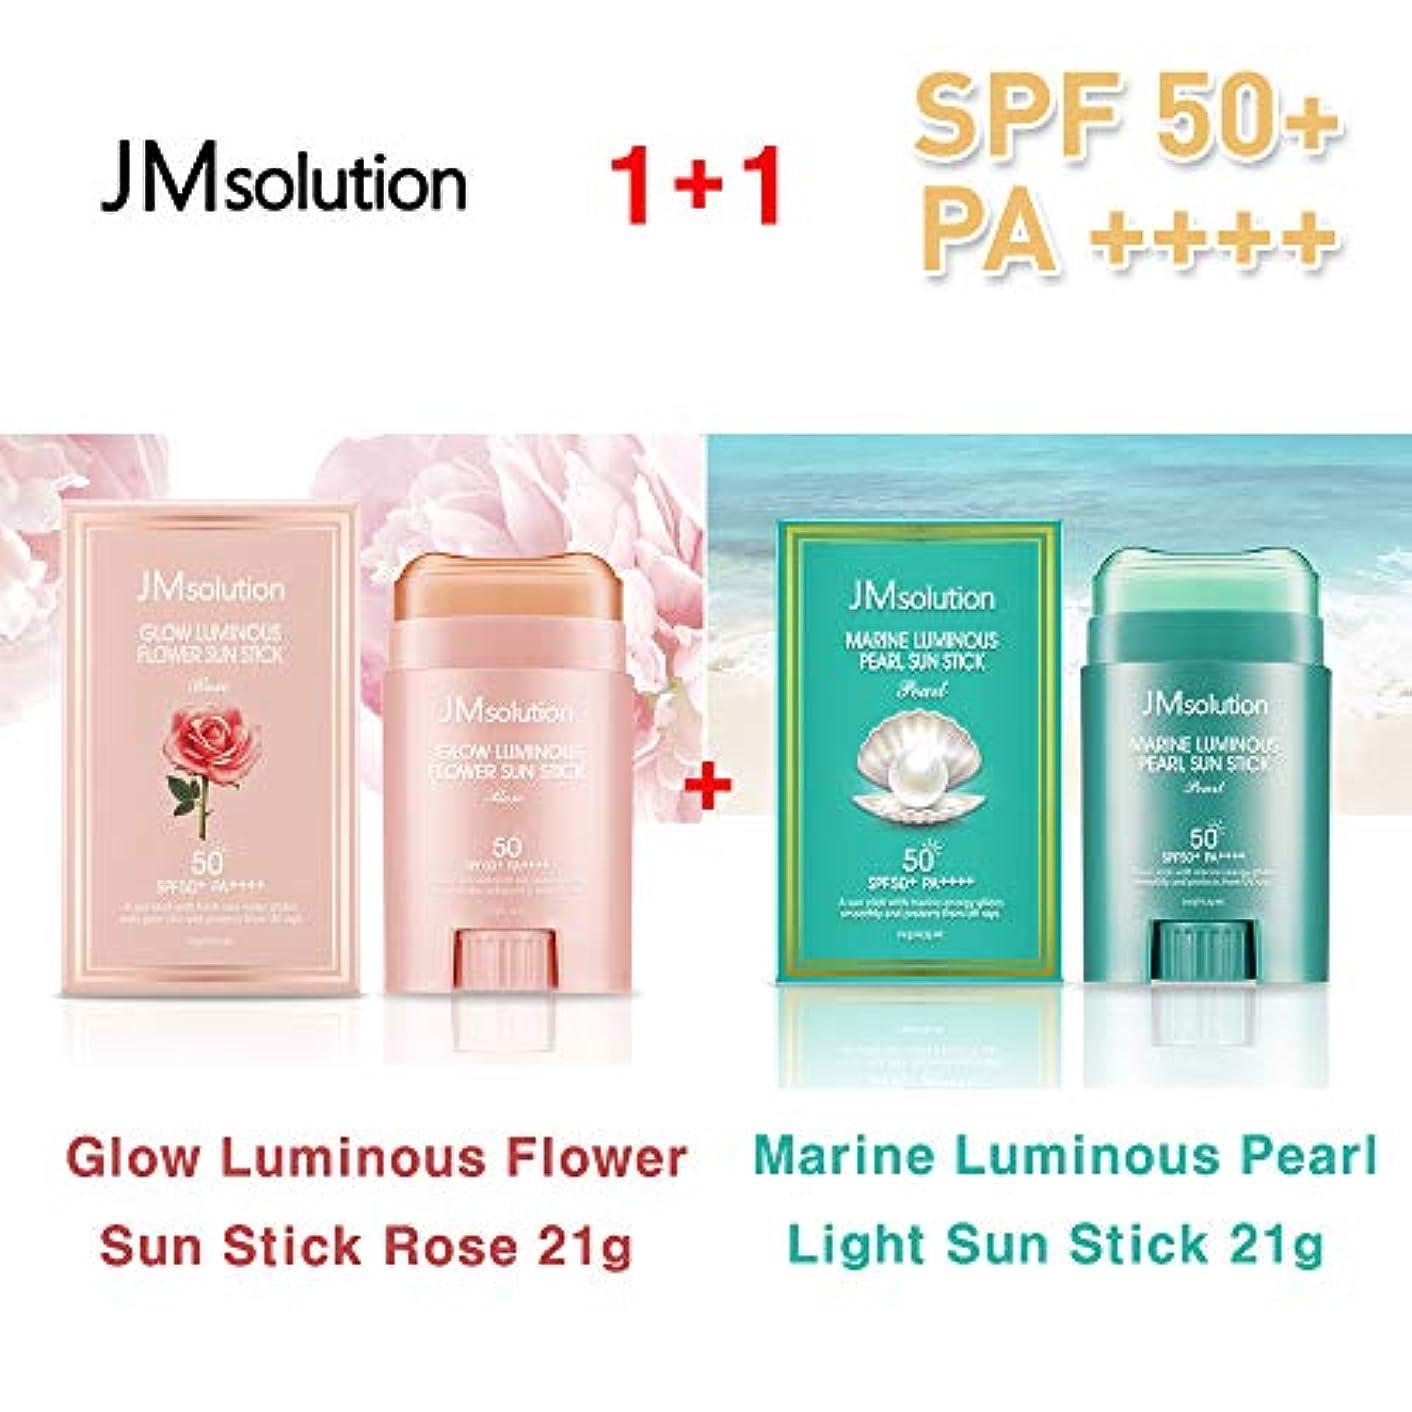 ギャンブルブラシ任意JM Solution ★1+1★ Glow Luminous Flower Sun Stick Rose 21g + Marine Luminous Pearl Light Sun Stick 21g / 光る輝く花Sun...